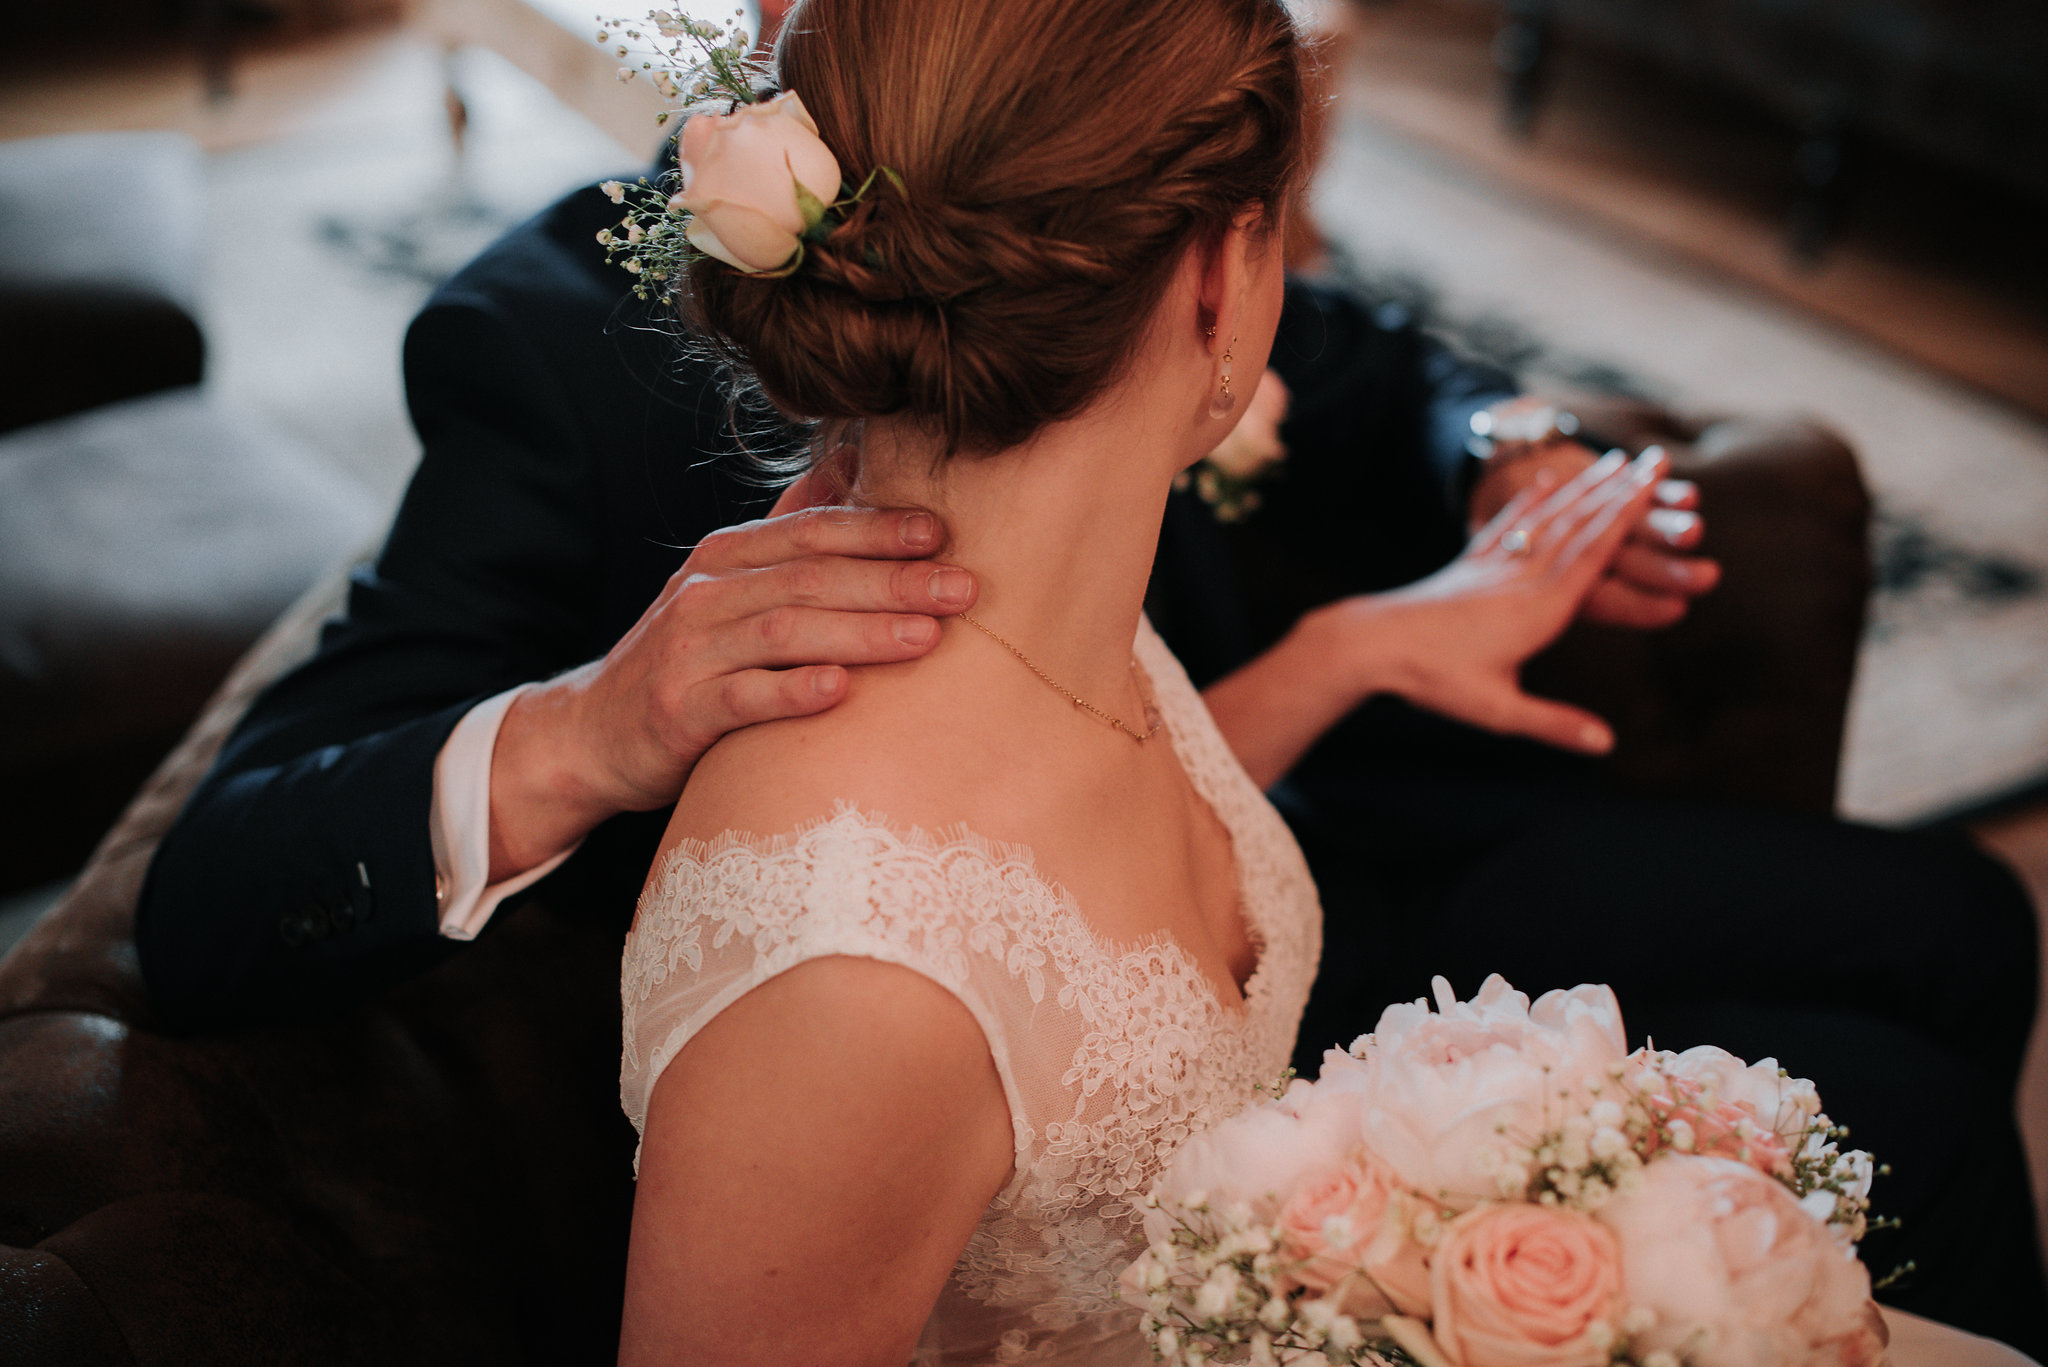 Léa-Fery-photographe-professionnel-lyon-rhone-alpes-portrait-creation-mariage-evenement-evenementiel-famille-1881.jpg